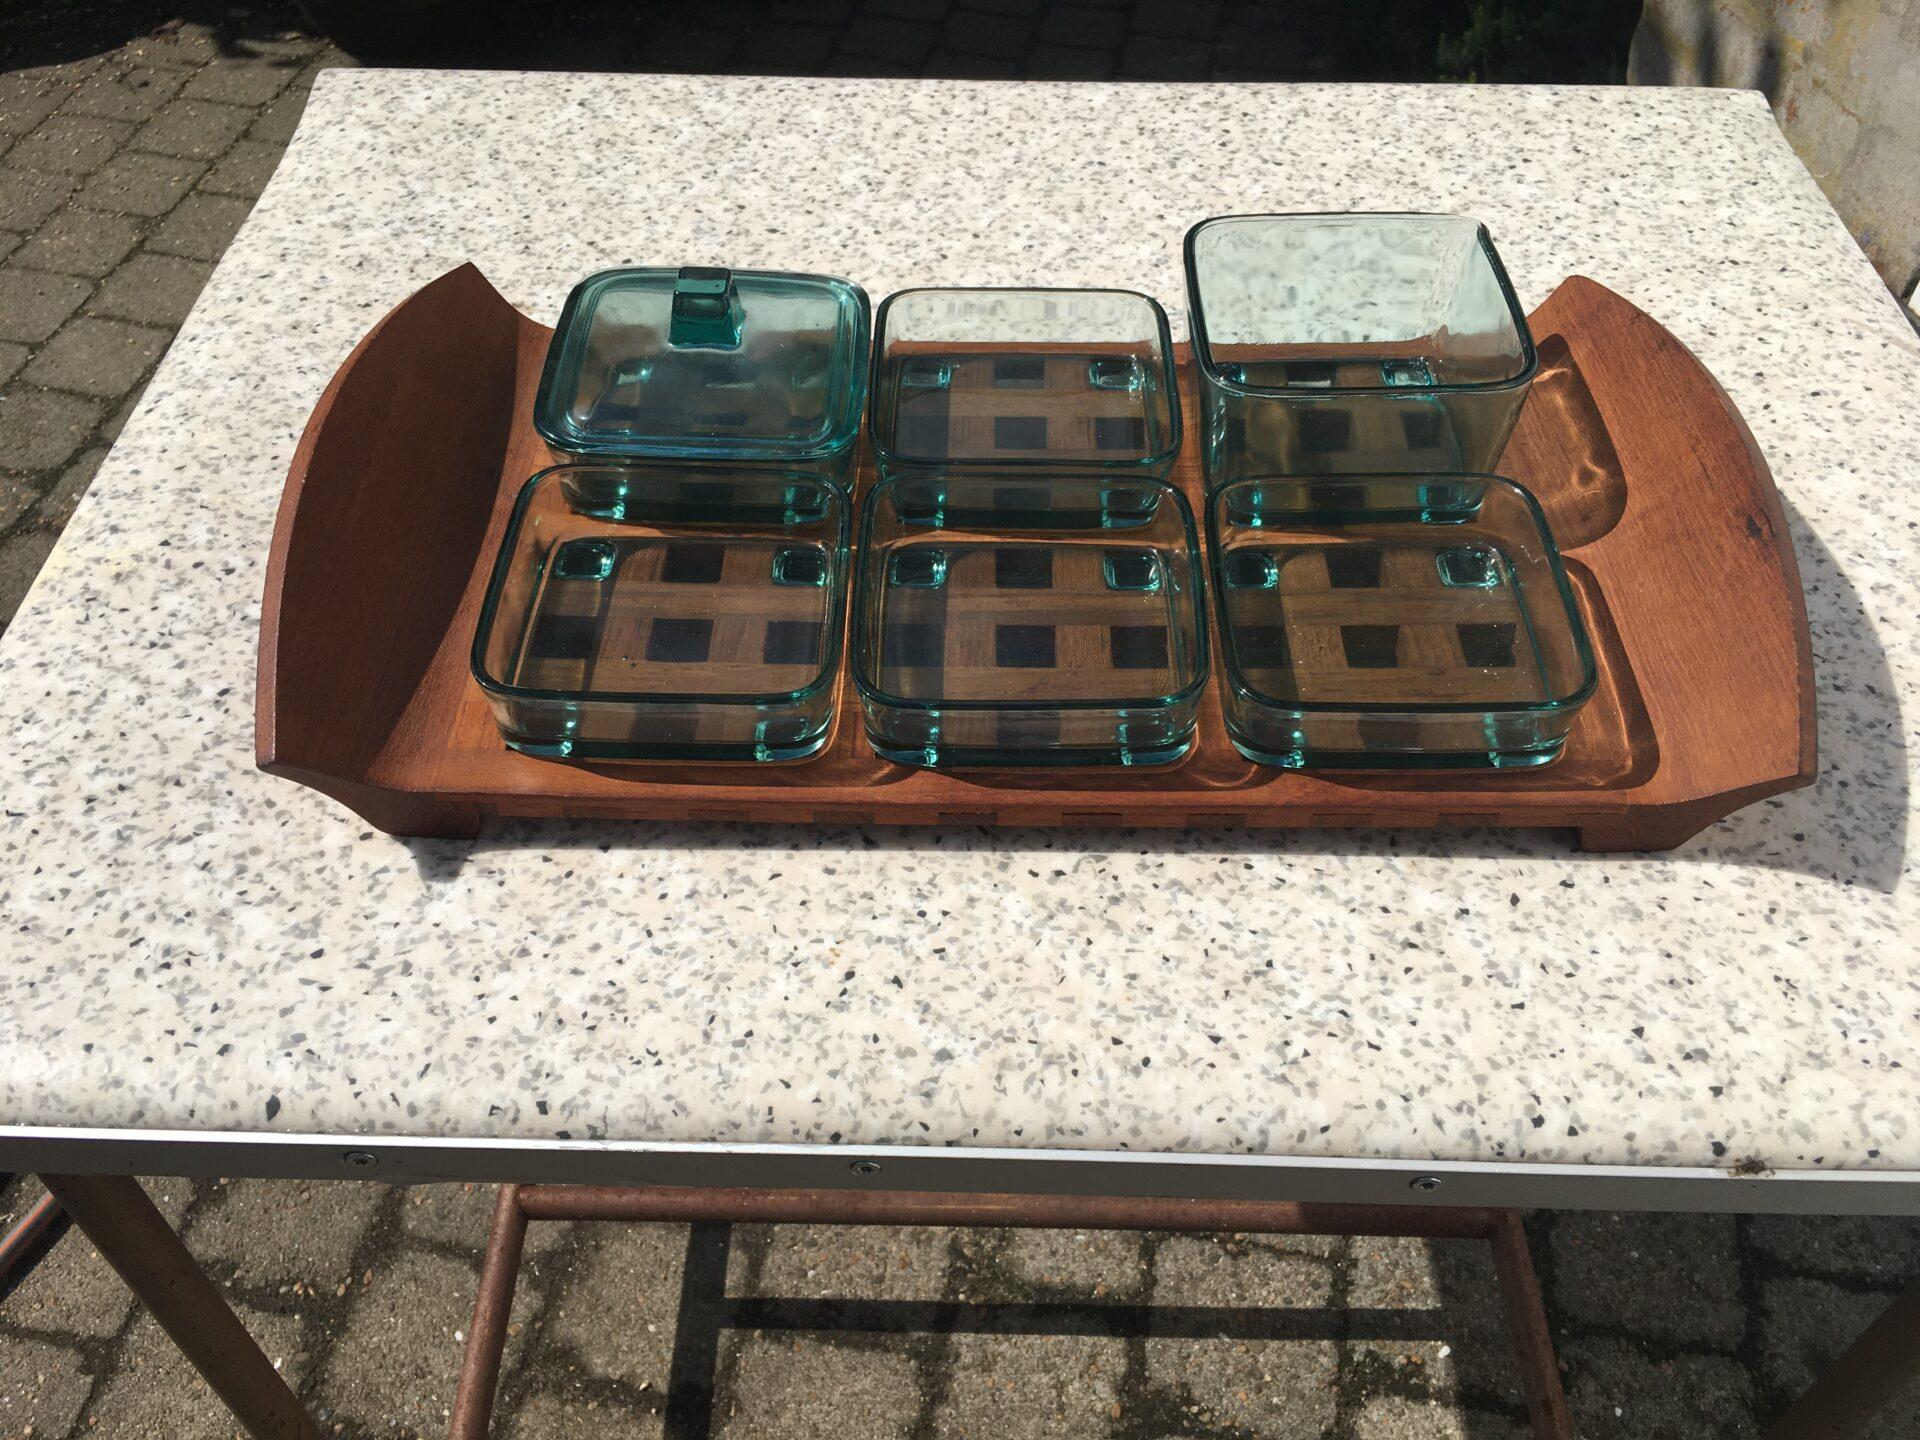 Jens H. Quistgaard, Cabaretfad/anretterbakke, teakbakke med turkisfarvet glasskåle, pris 600kr